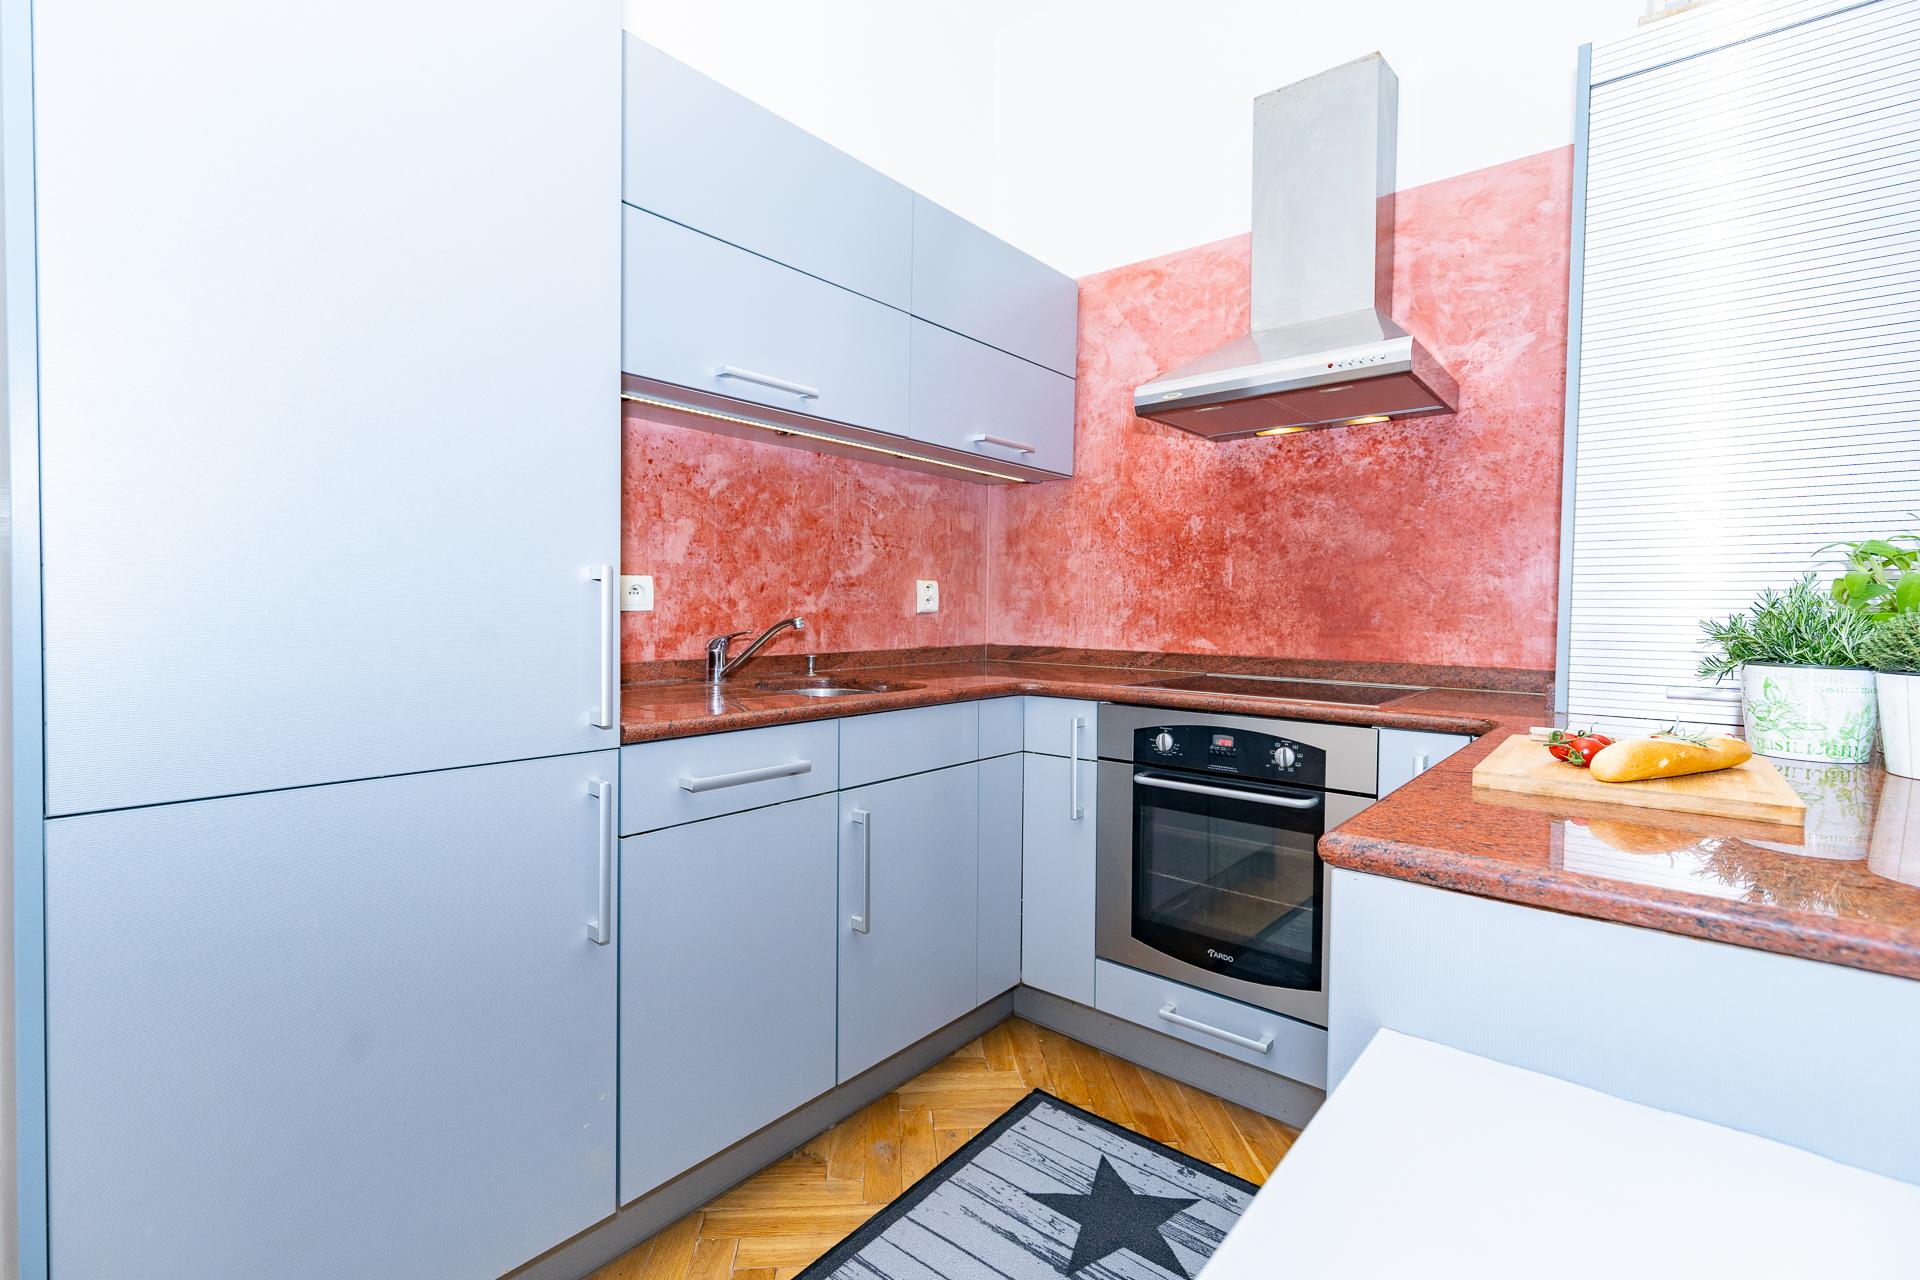 kuchyňský kout v šedé barvě, troubou, digestoří a kobercem